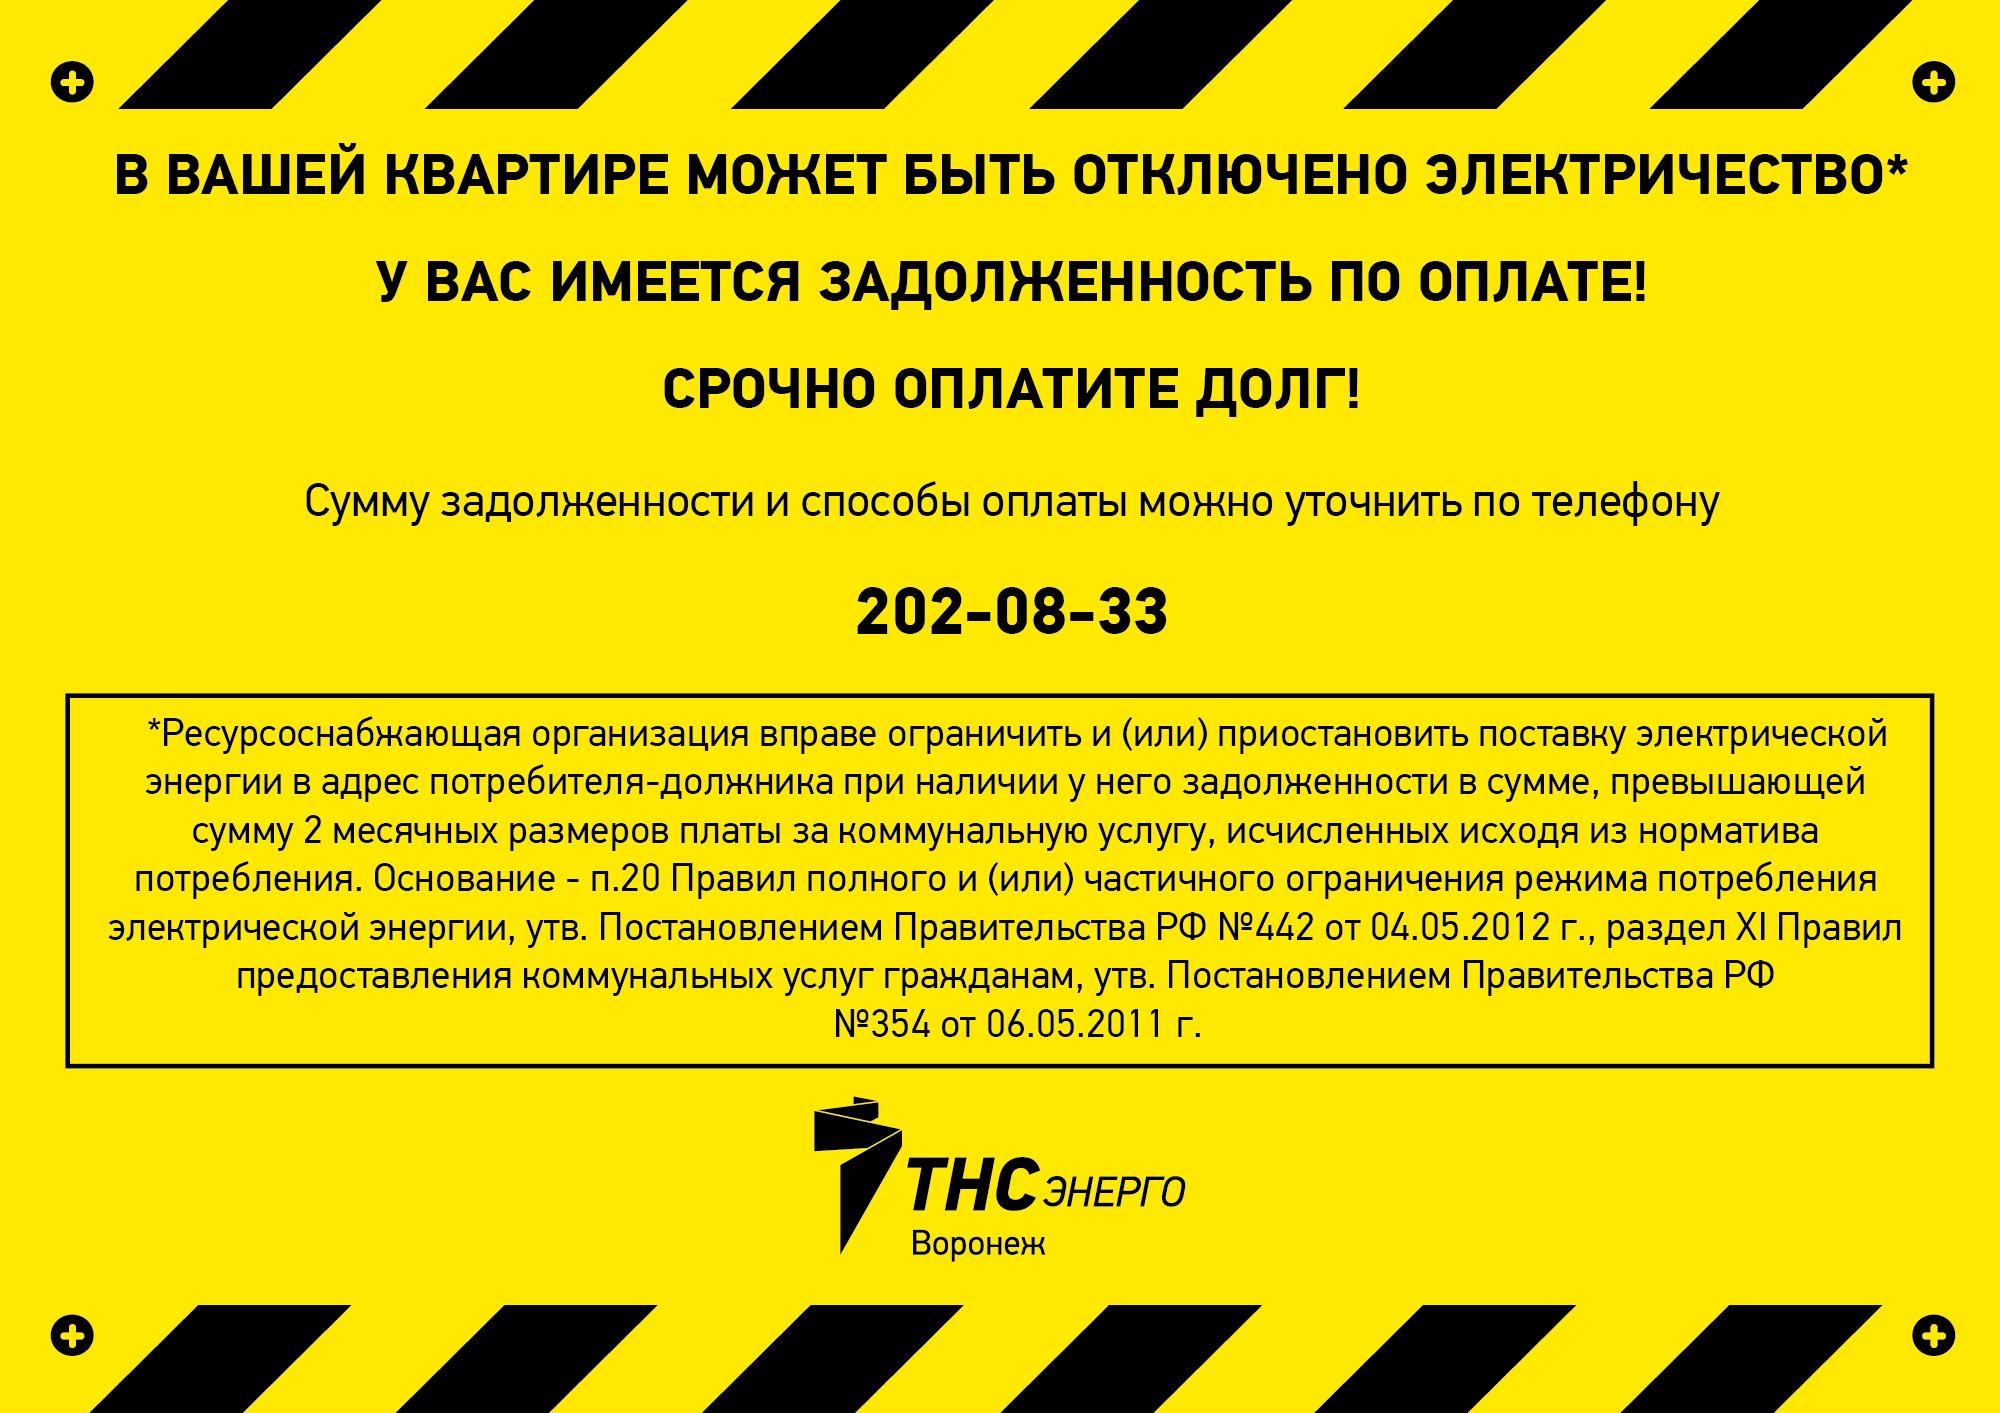 Желтый стикер.jpg